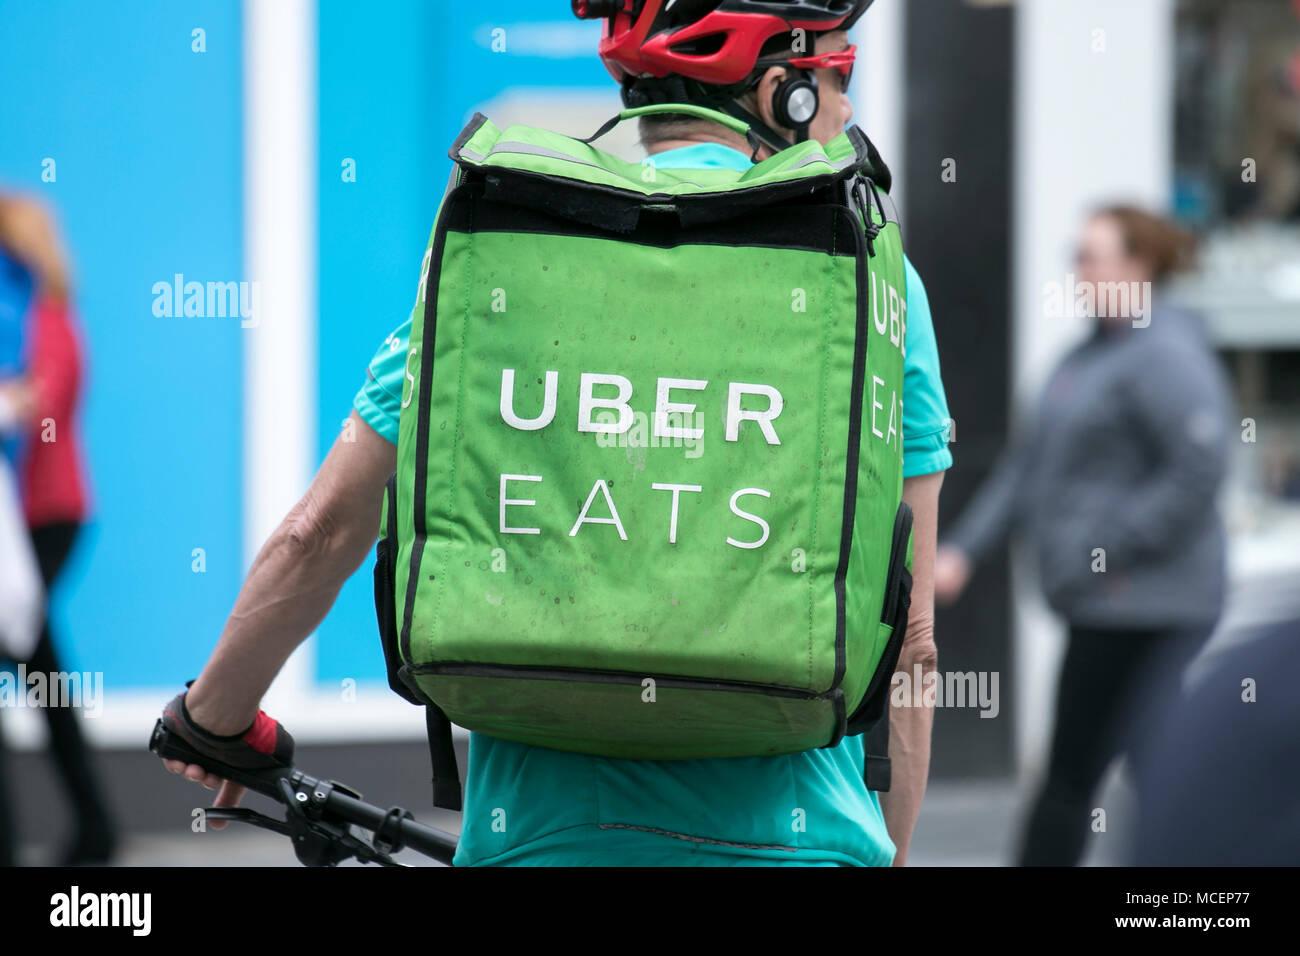 Uber mange à emporter, commande en ligne smartphone livraison livraison cycliste Photo Stock